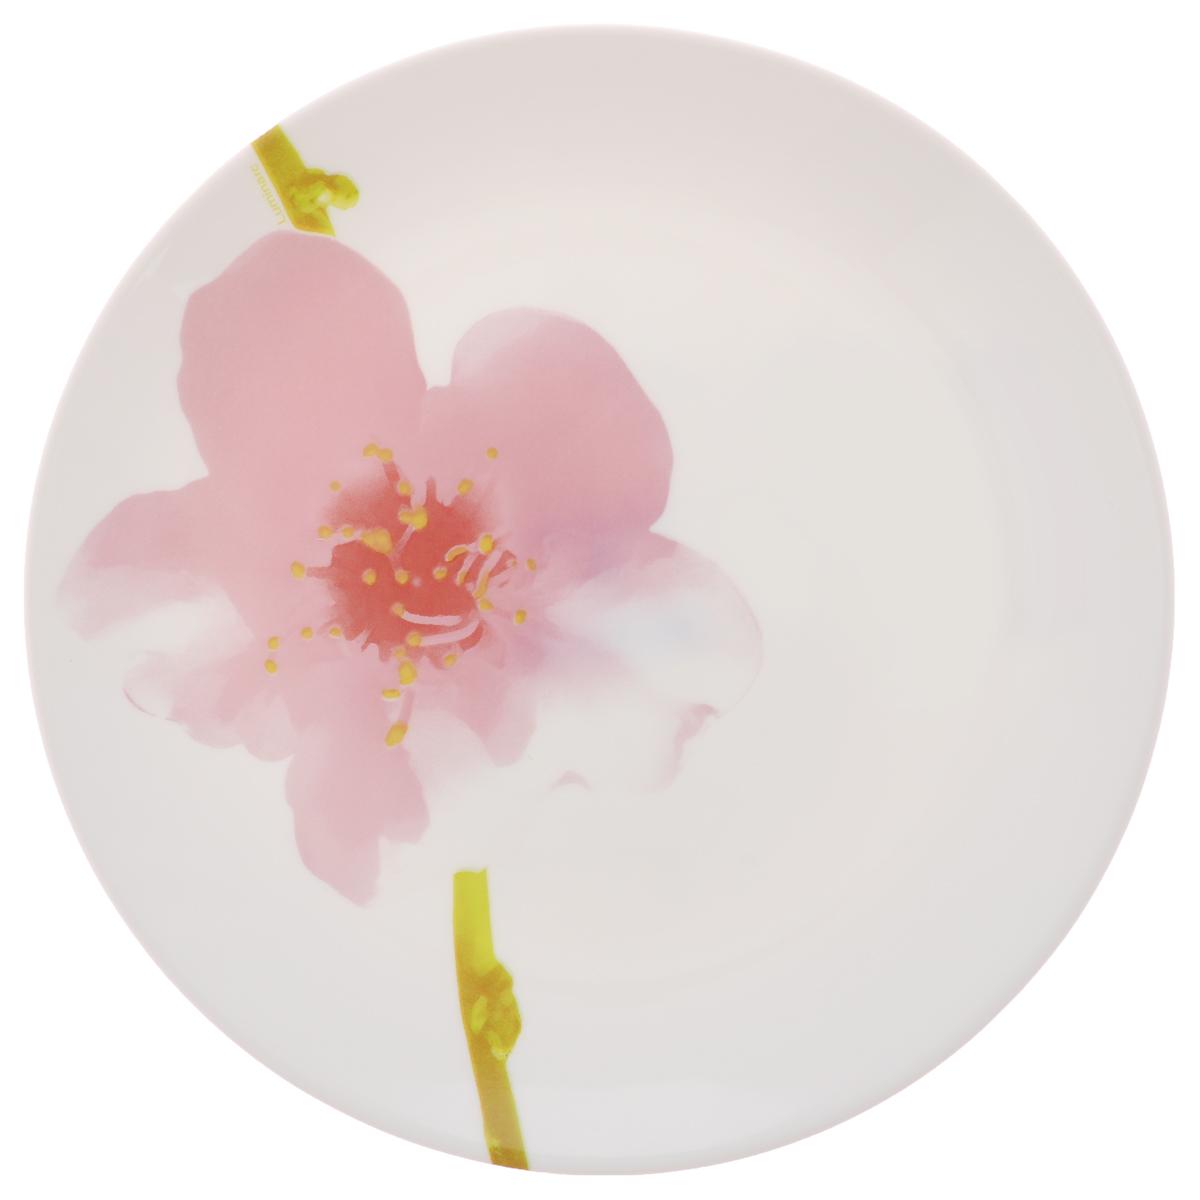 Тарелка десертная Luminarc Water Color, диаметр 19 смJ1331Десертная тарелка Luminarc Water Color, изготовленная изударопрочного стекла, имеет изысканныйвнешний вид.Такая тарелка прекрасно подходит как дляторжественных случаев, так и для повседневногоиспользования.Идеальна для подачи десертов, пирожных, тортов имногого другого. Она прекрасно оформит стол и станетотличным дополнением к вашей коллекции кухоннойпосуды.Диаметр тарелки (по верхнему краю): 19 см.